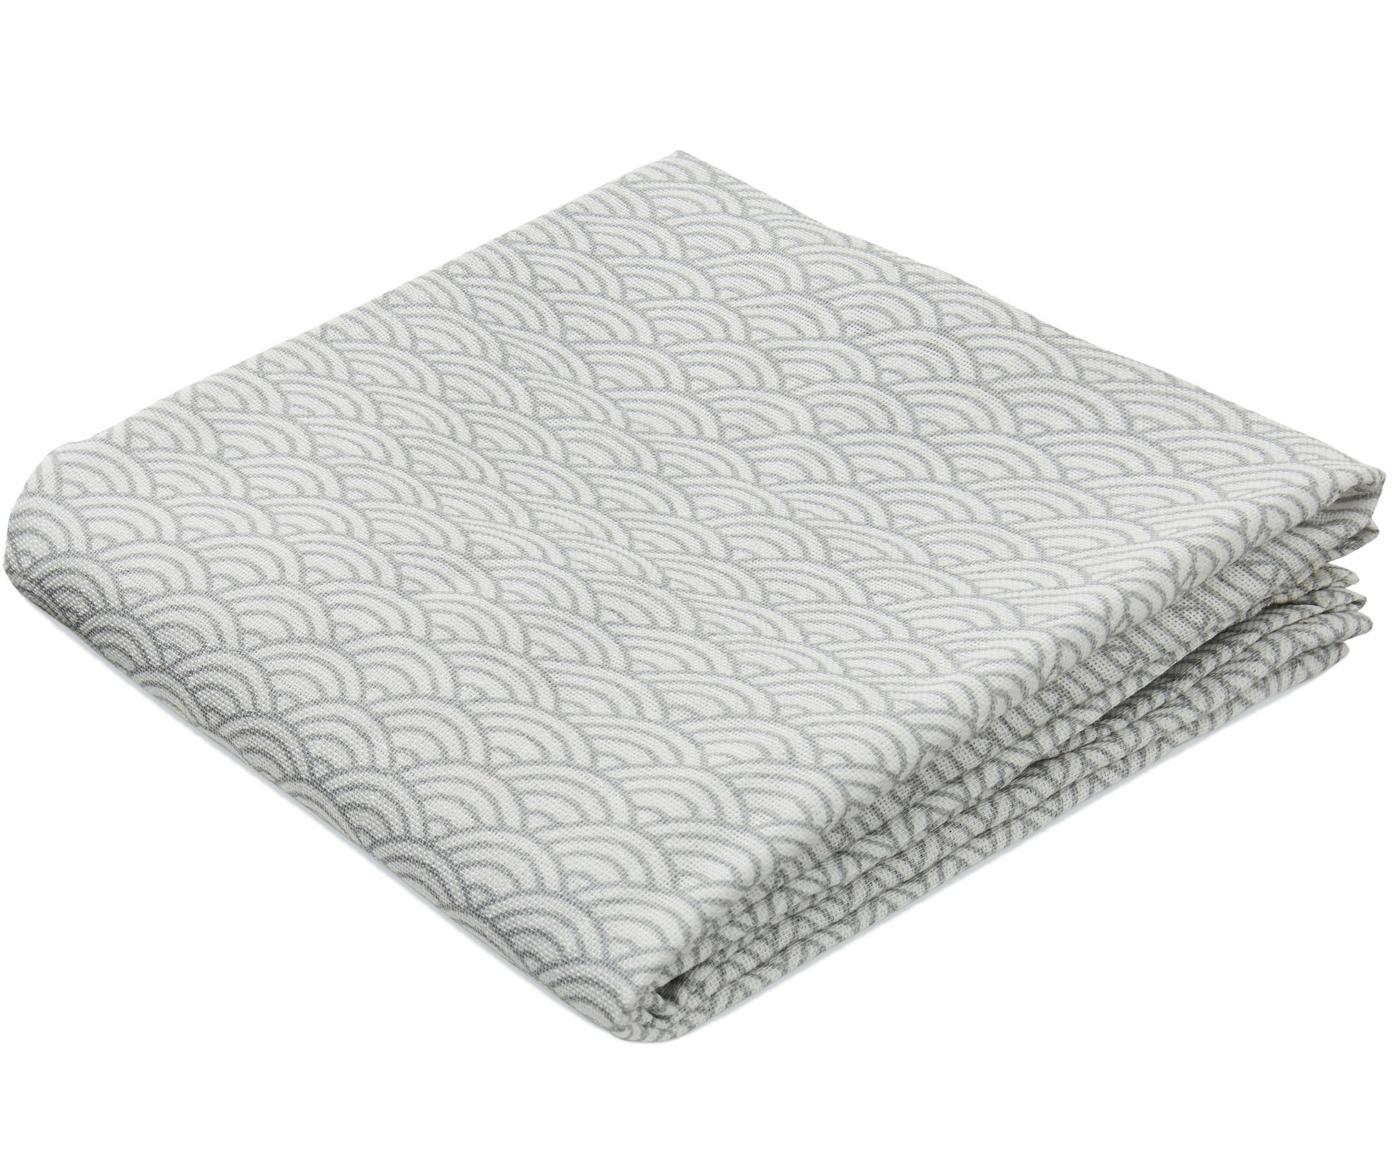 Pieluszka tetrowa z bawełny organicznej Wave, 2 szt., Bawełna organiczna, certyfikat GOTS, Szary, biały, S 70 x D 70 cm